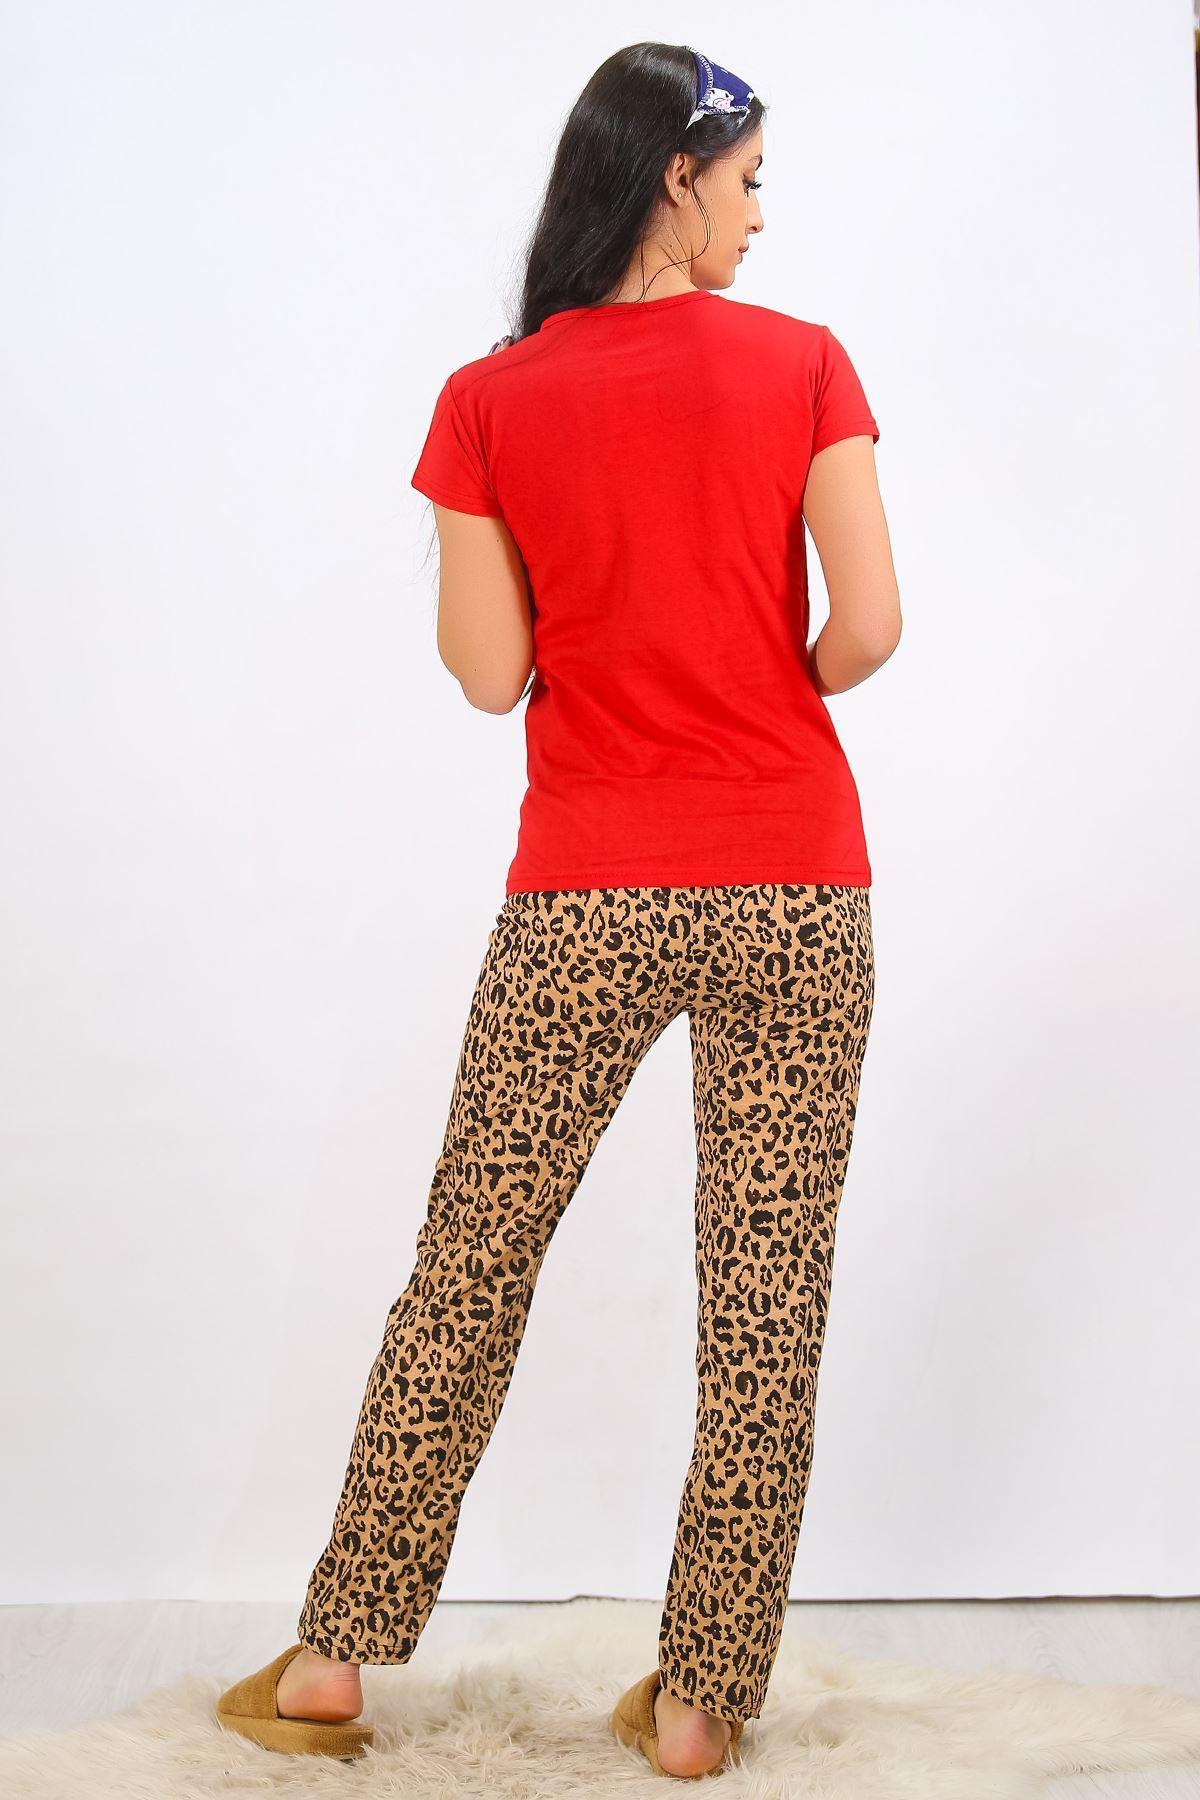 Baskılı Pijama Takımı Kırmızı - 4710.102.